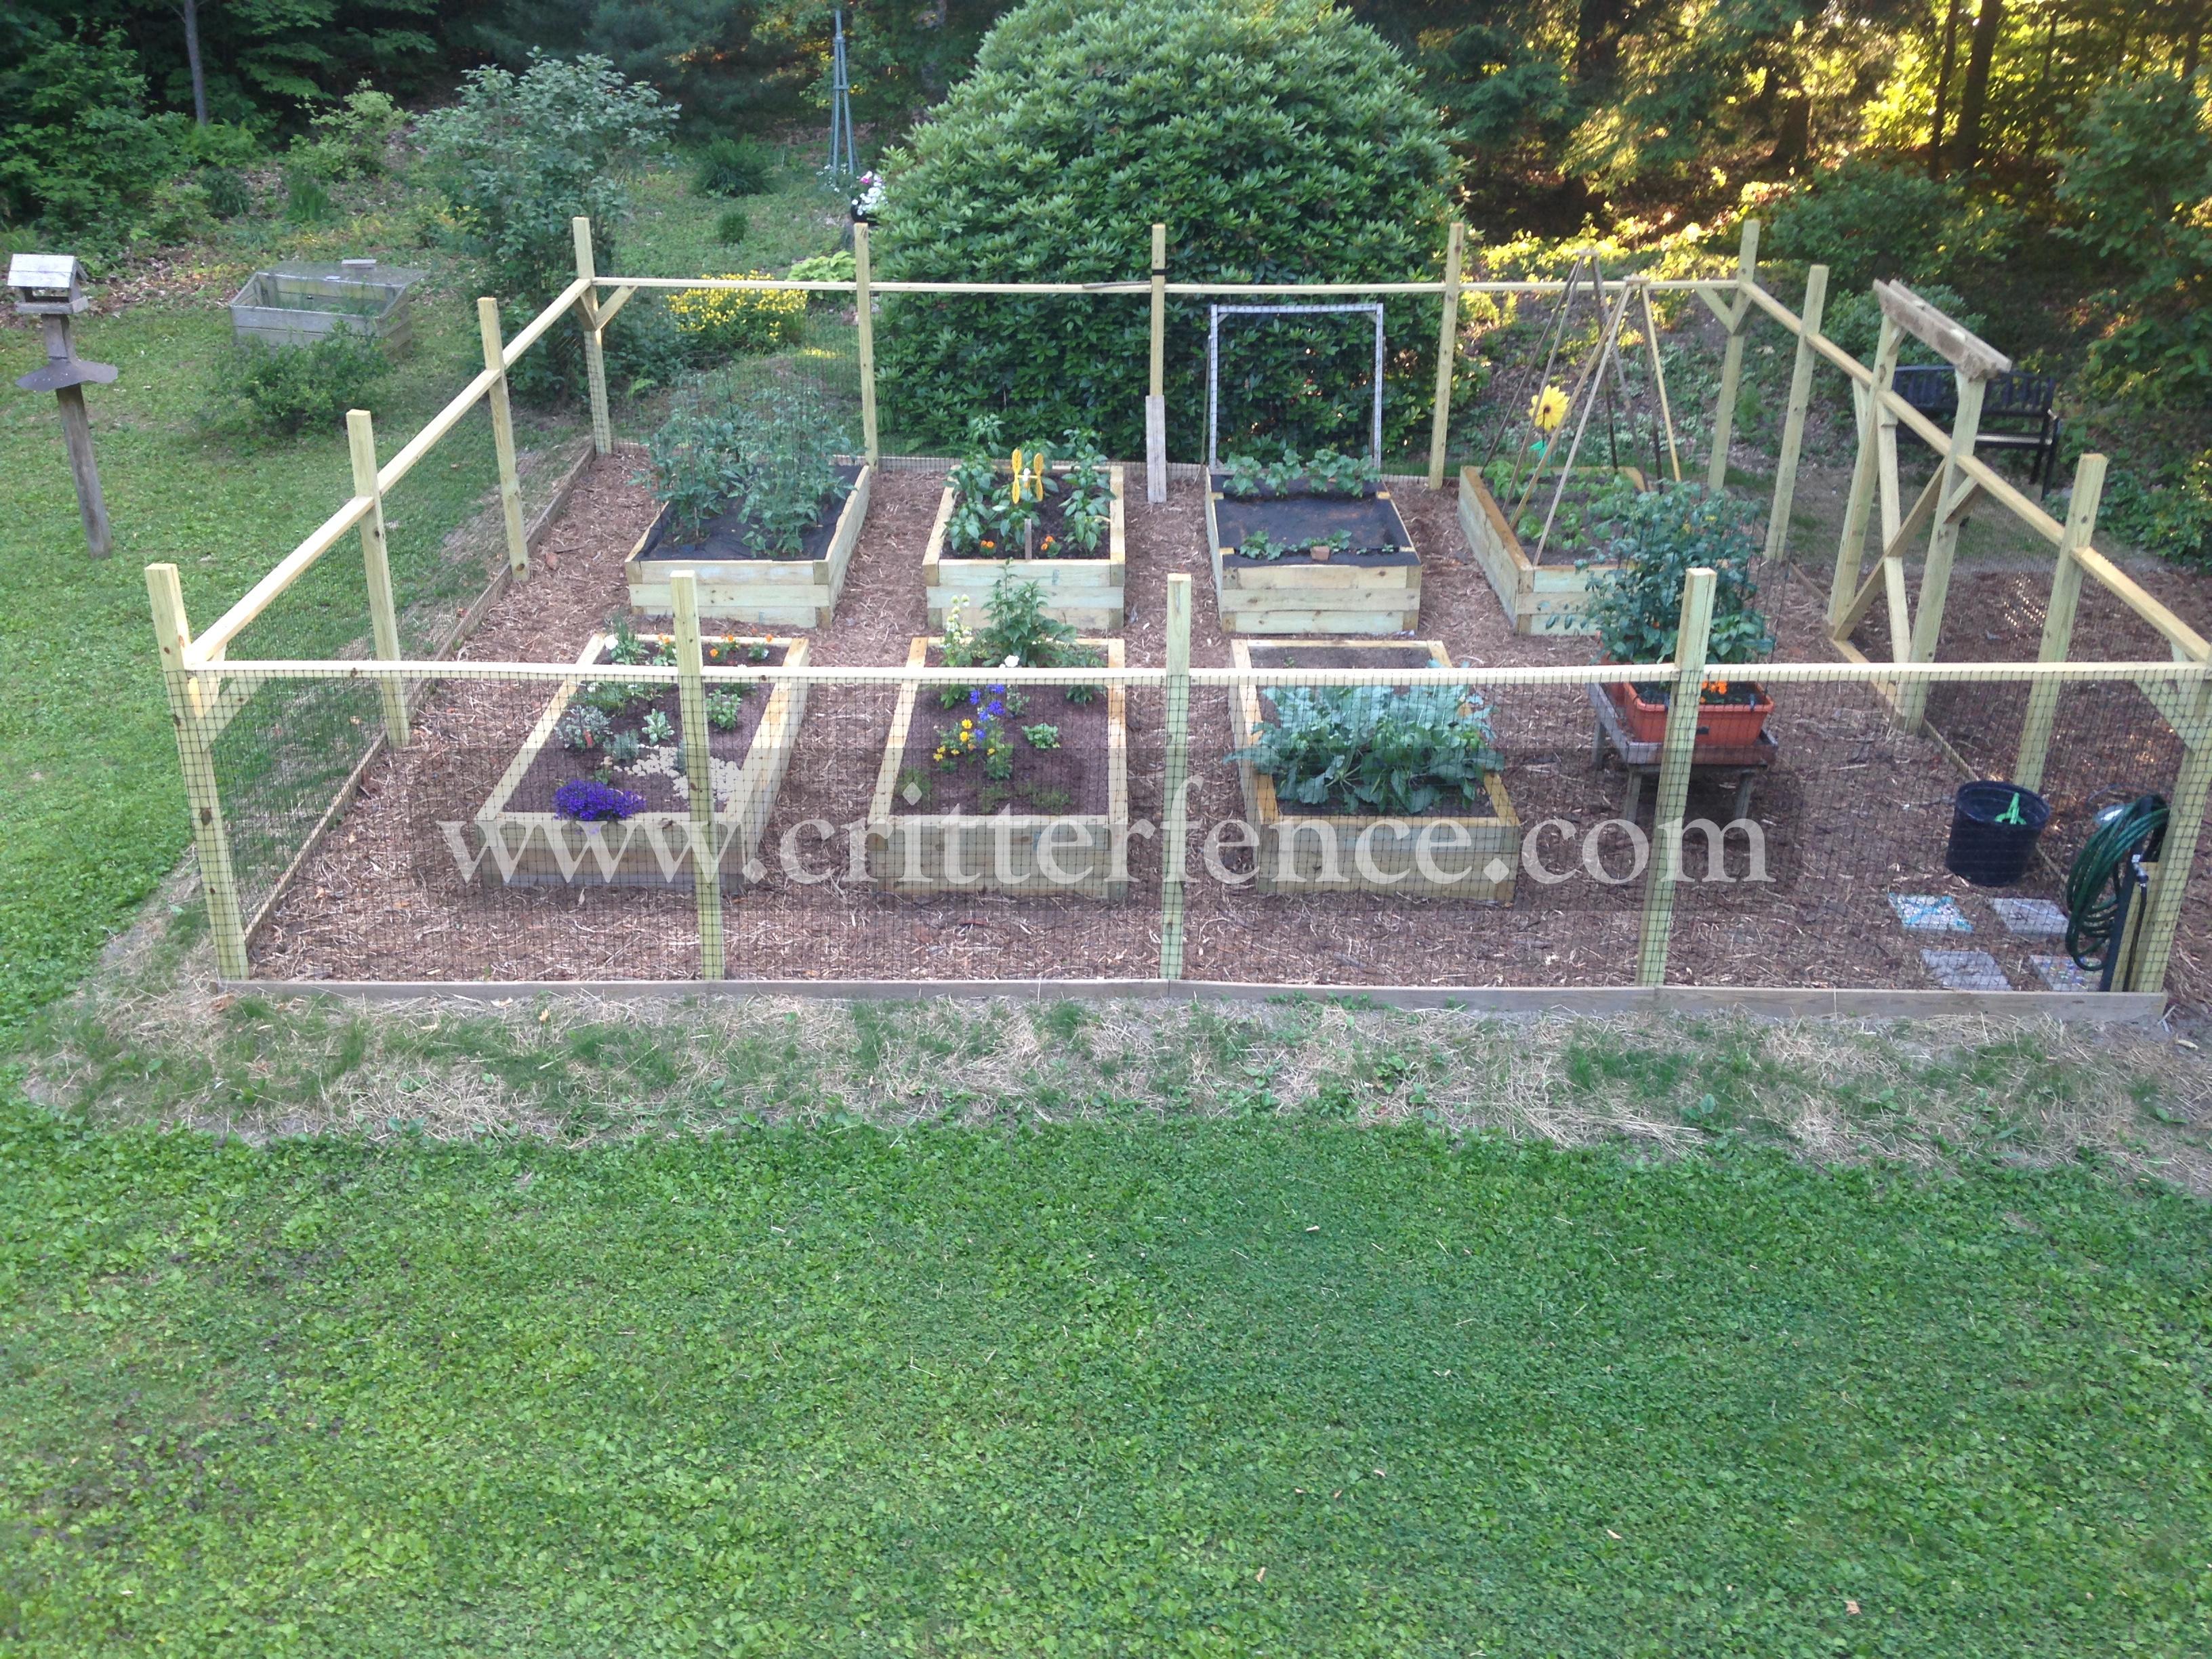 garden fencing critterfence 1100 garden fence pa OLCVMZO